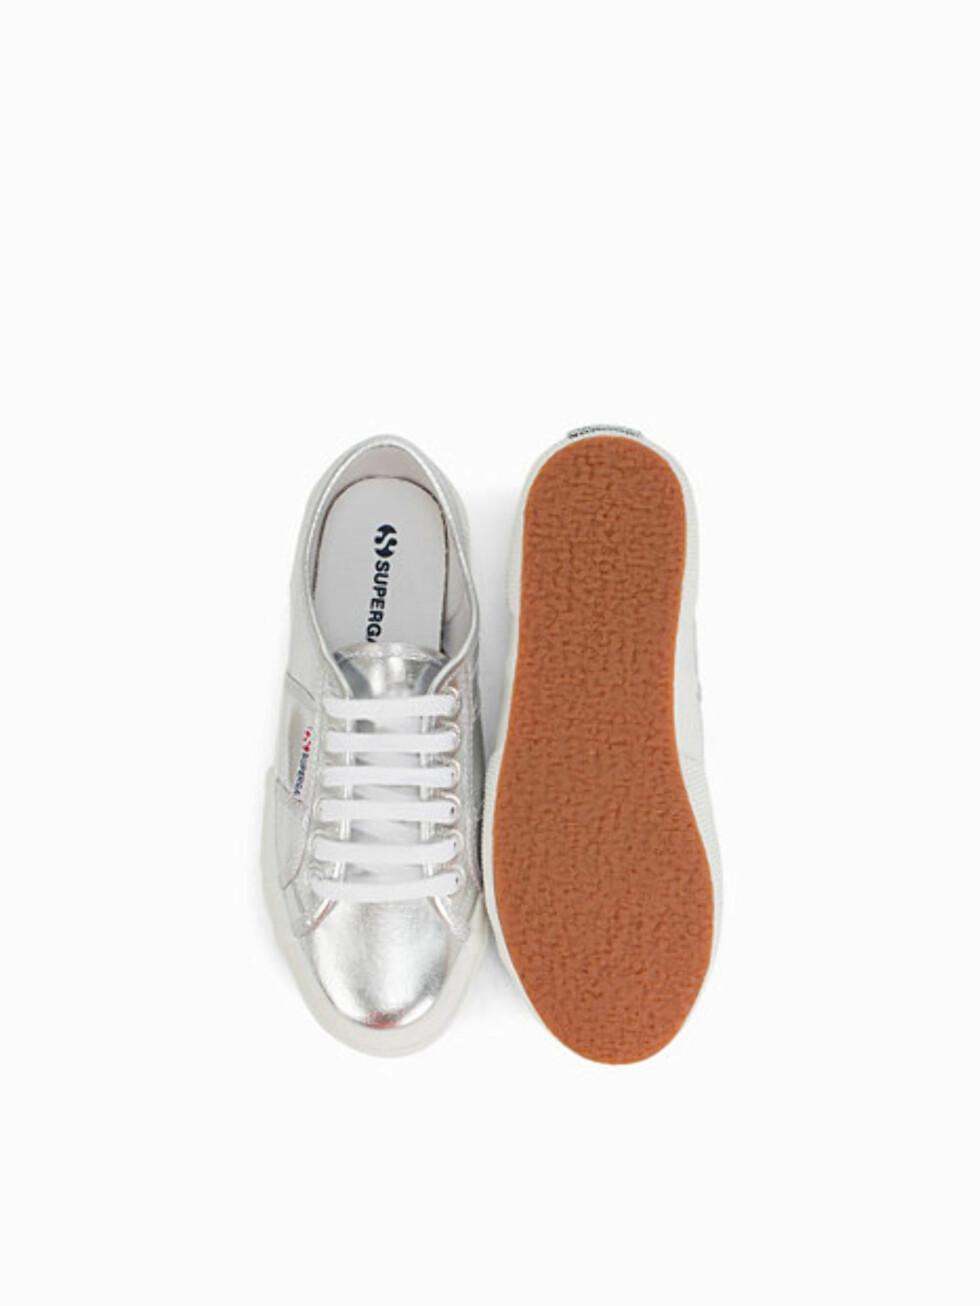 Sneakers fra Superga via Nelly.com   kr 449    http://my.nelly.com/link/click/17350